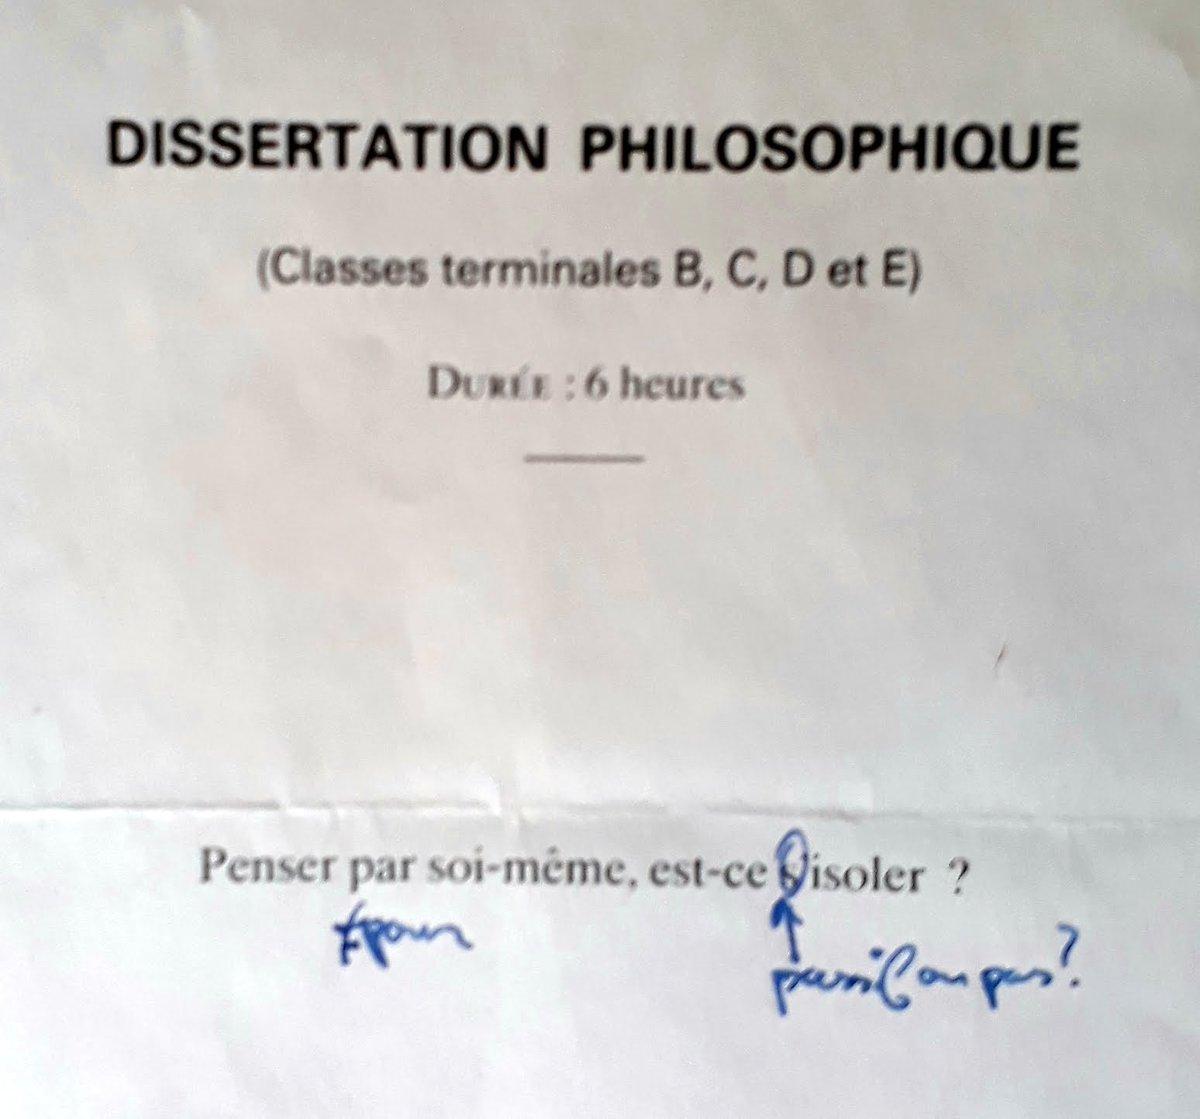 penser par soi meme est ce sisoler dissertation